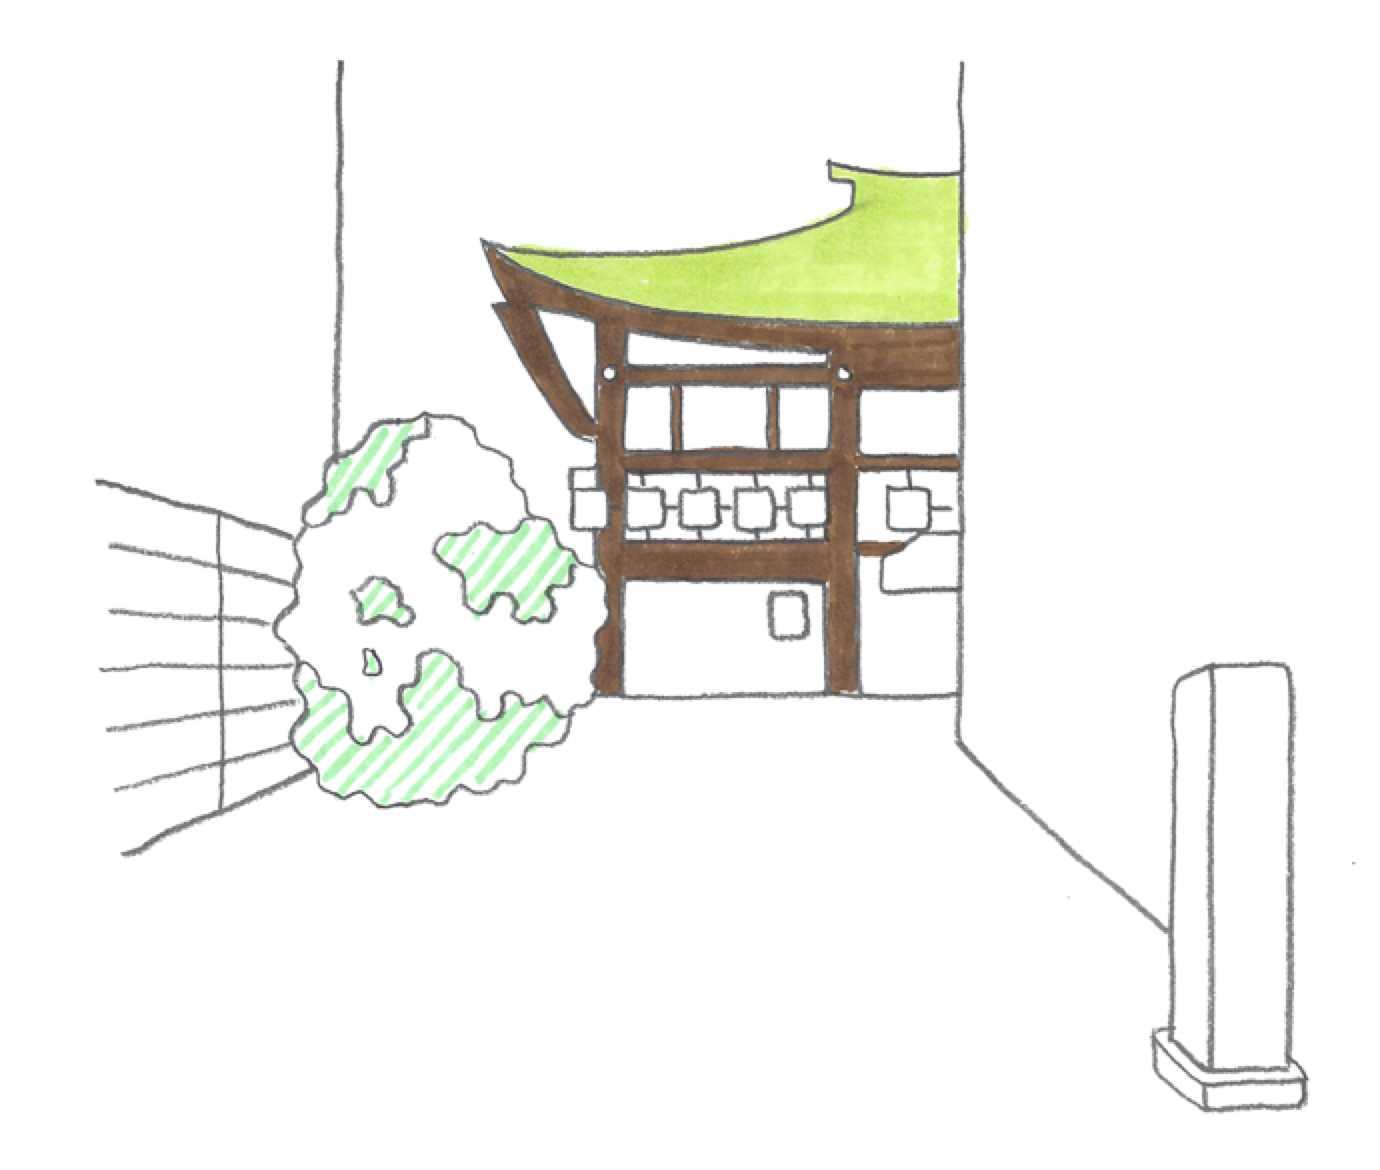 WEBマガジンイラストエッセイ第11回目「顕性寺」:キノノキ 東京お遍路ゆるさんぽ_d0339885_12564231.png